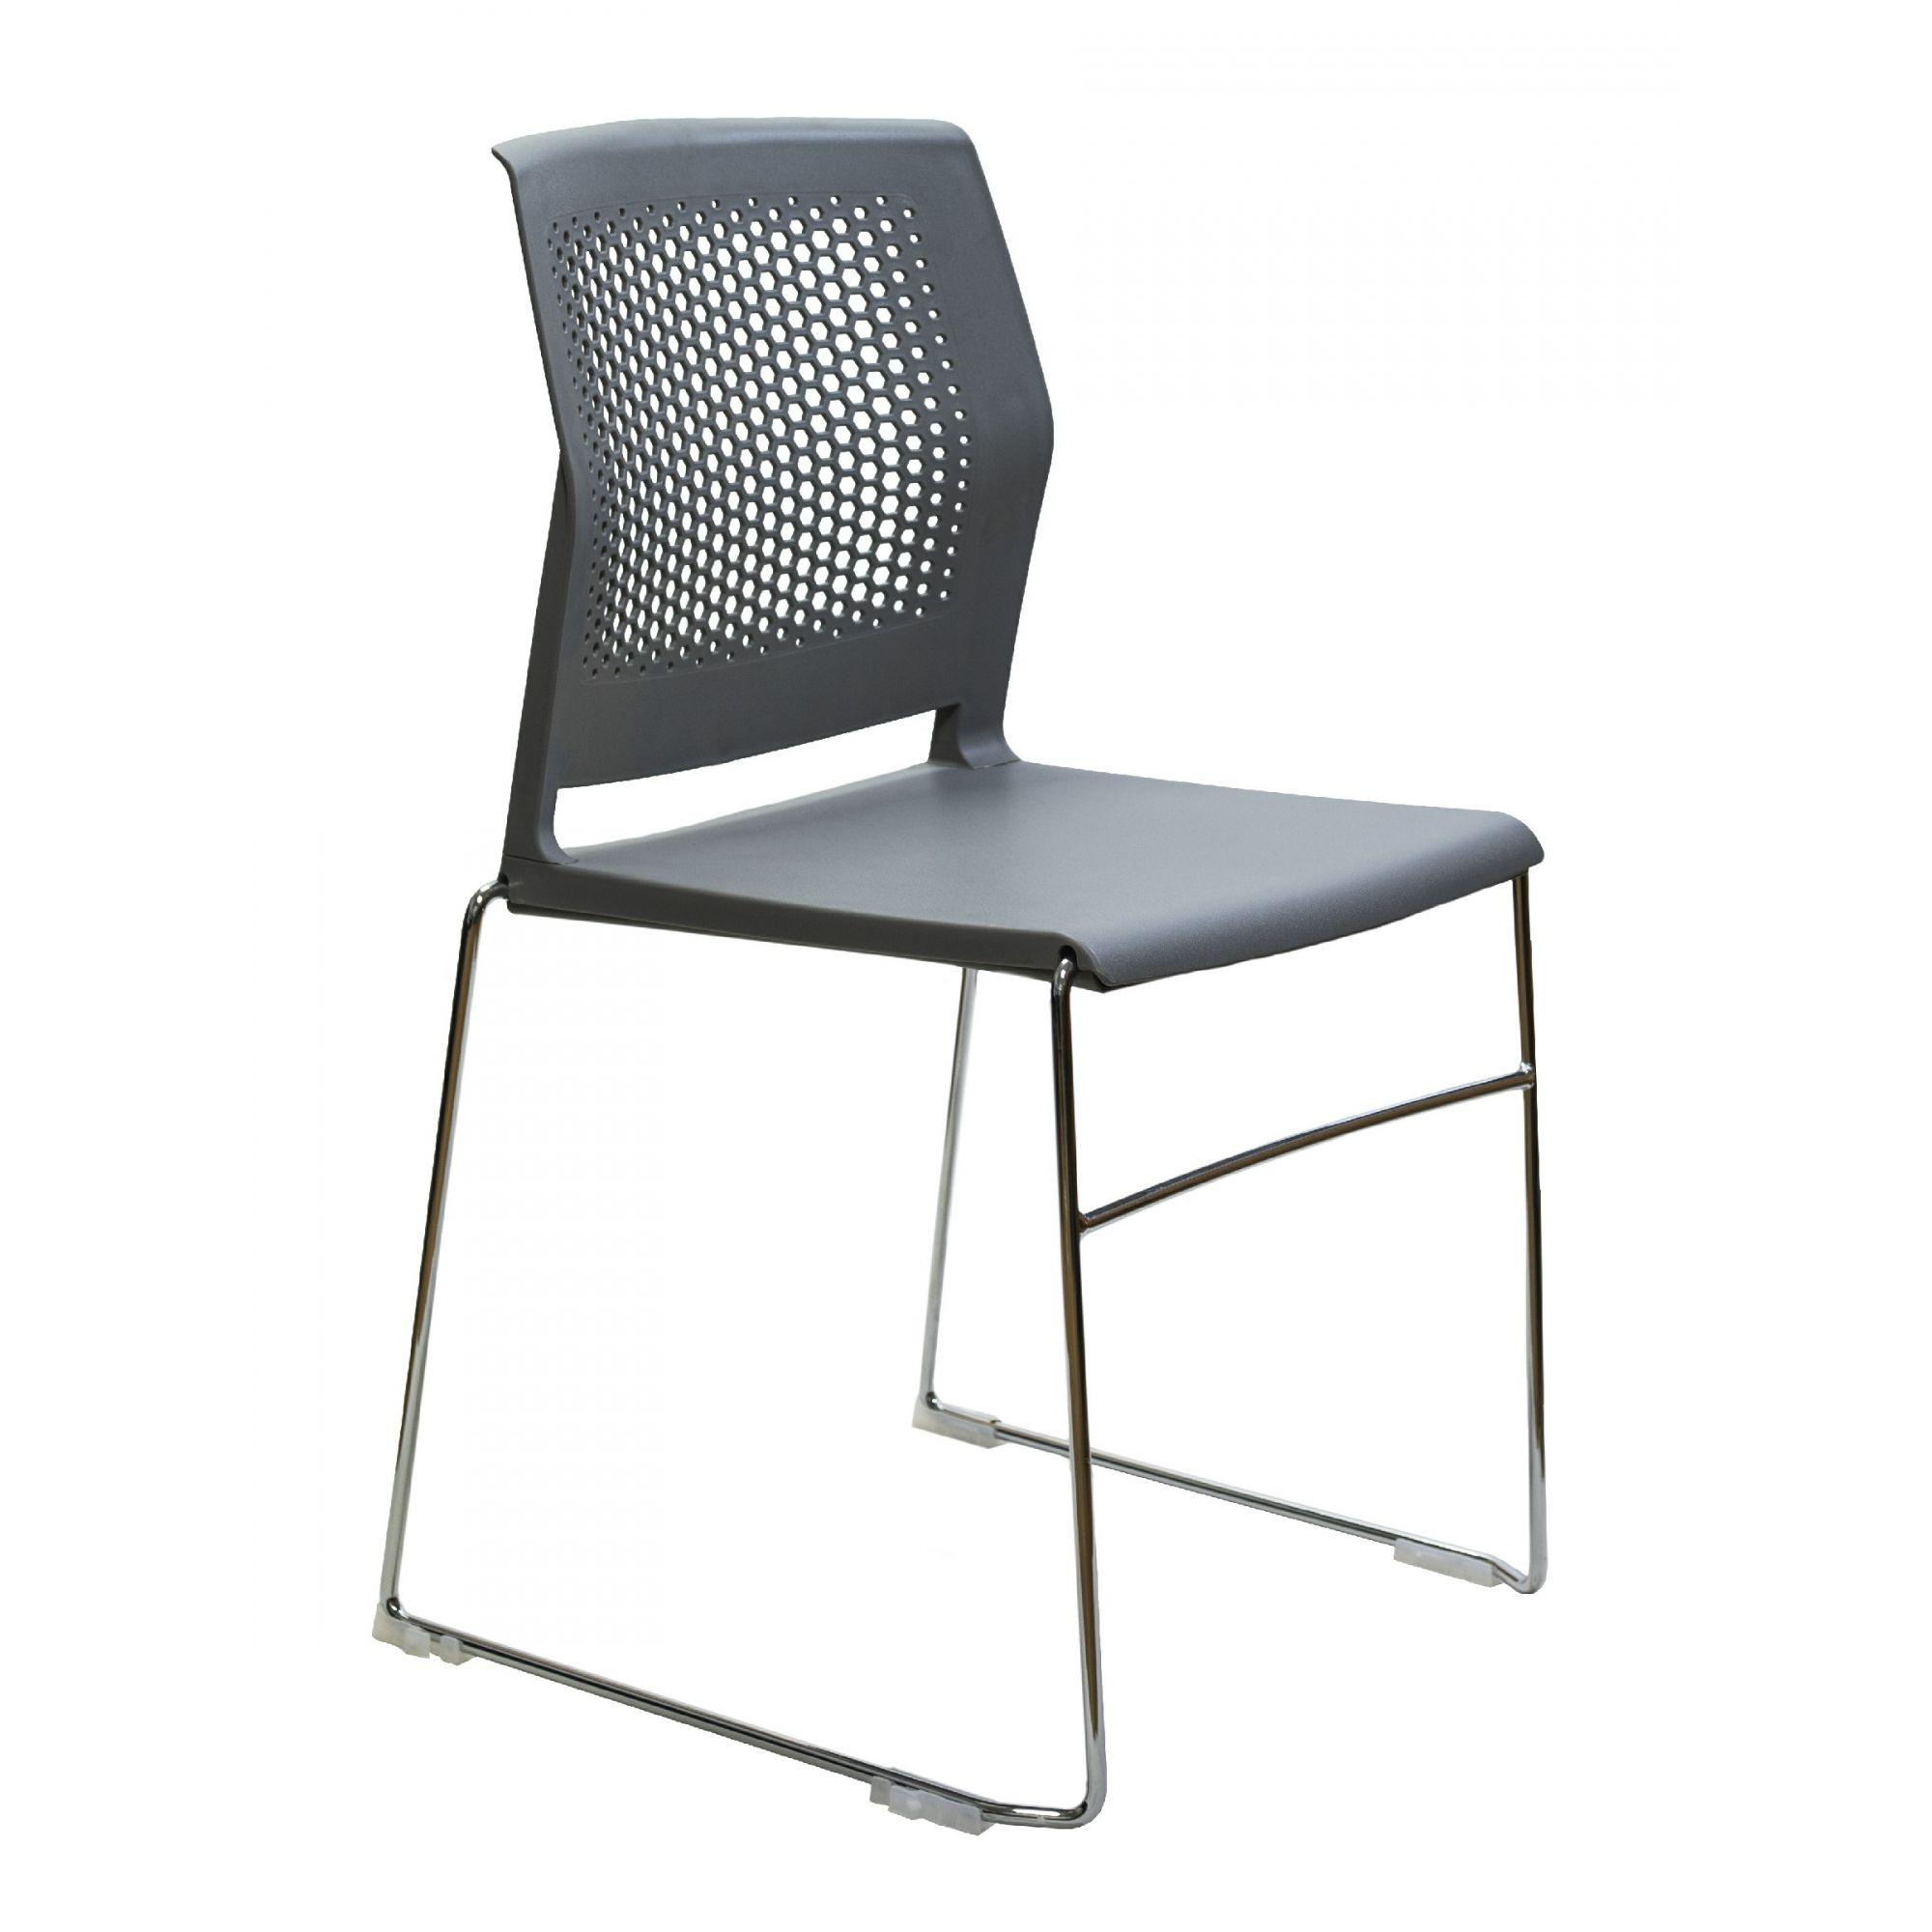 AF 7005-PL-cr - Cadeira fixa, empilhável, trapezoidal, sem braços, encosto médio, com PÉS CROMADOS